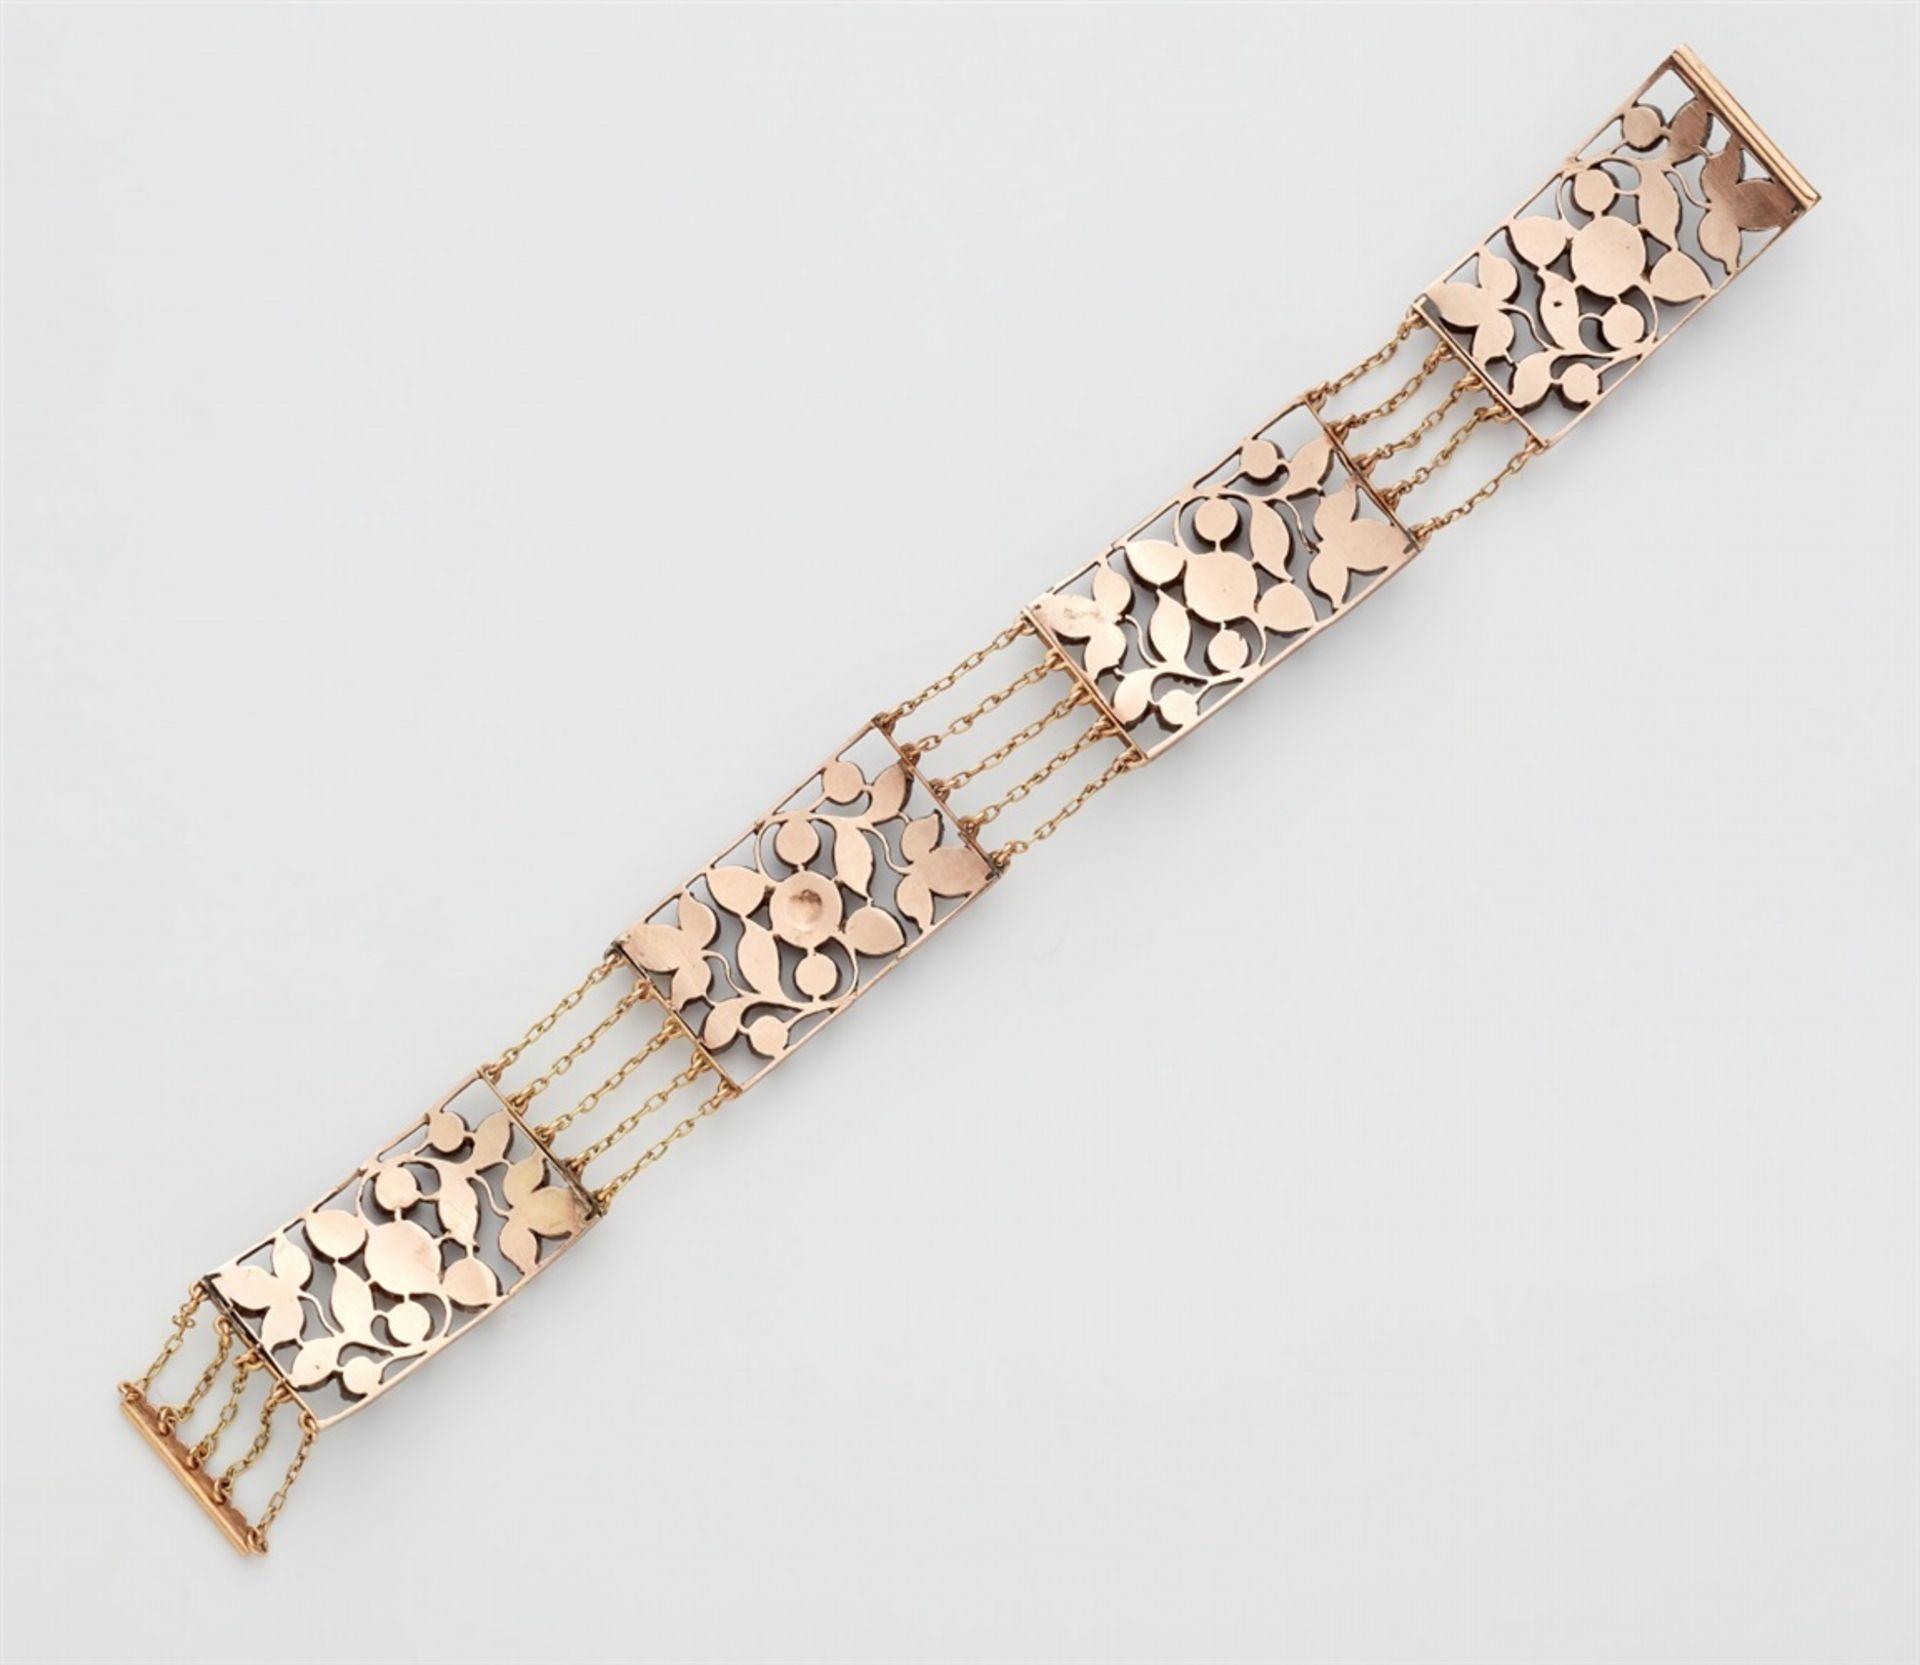 Armband mit Diamantrosen - Bild 2 aus 2